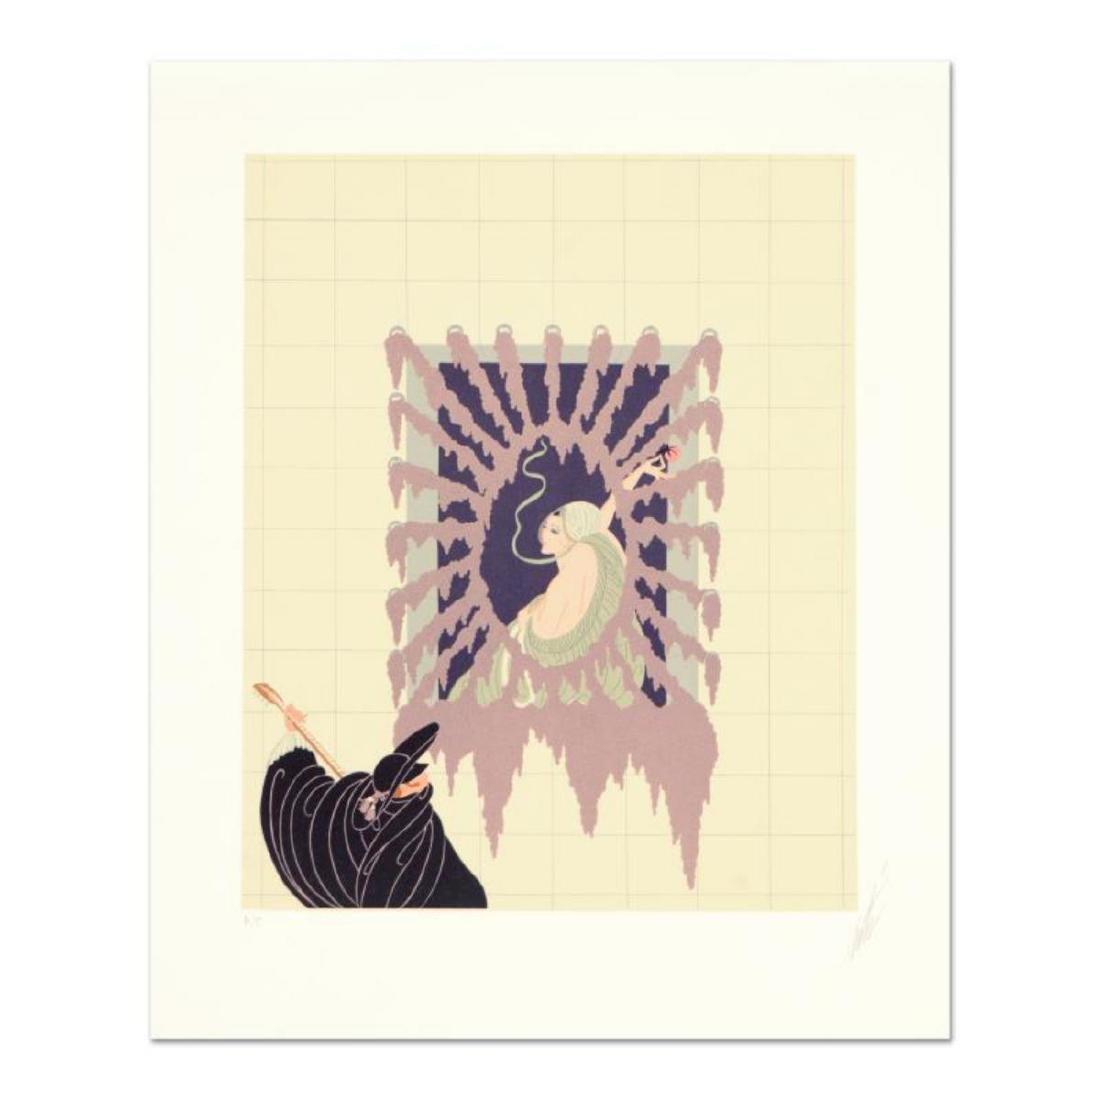 """Erte (1892-1990) - """"La Serenade"""" Limited Edition"""